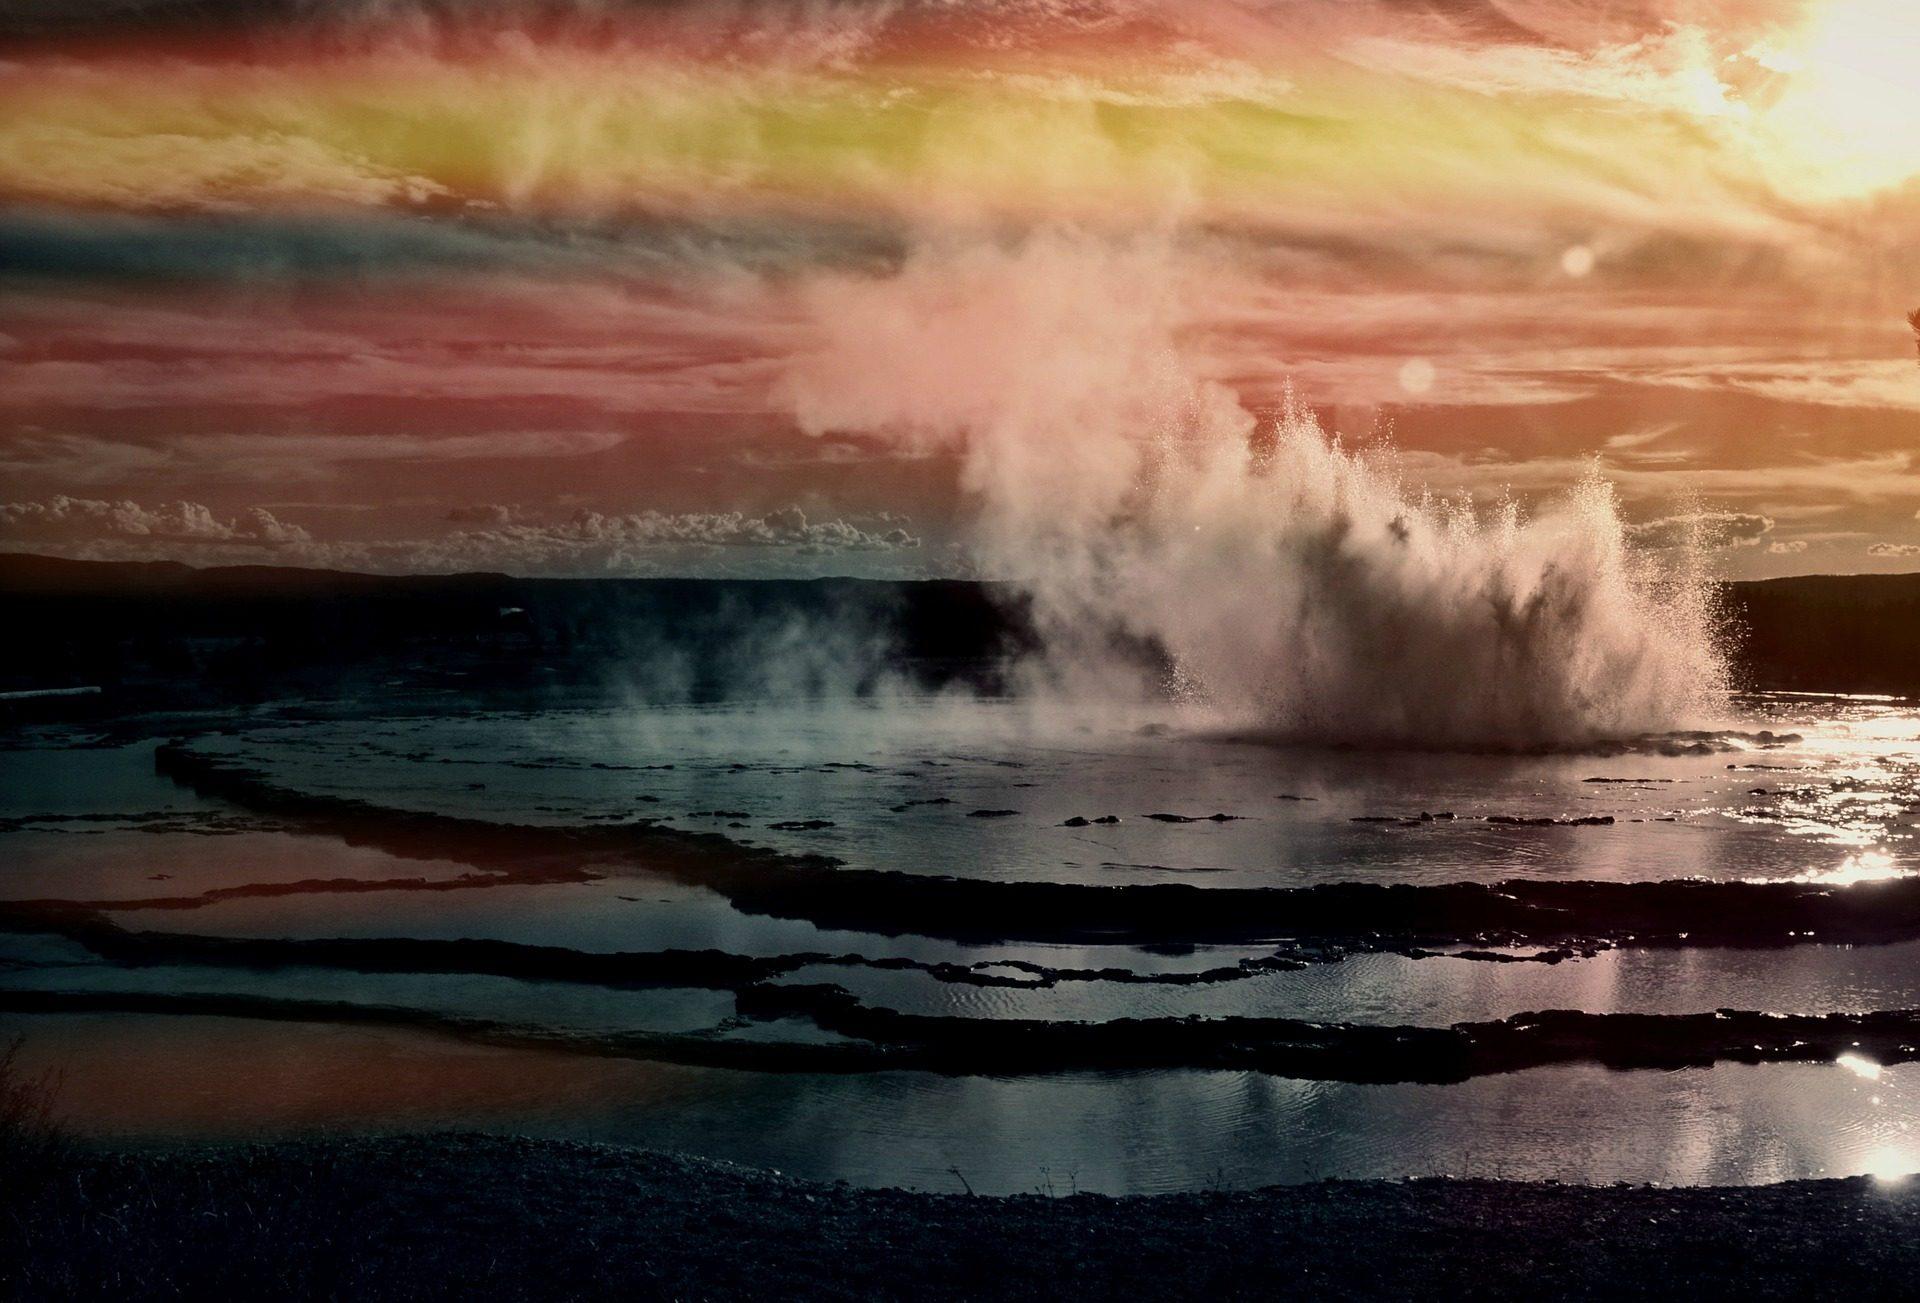 Θερμοπίδακας, νερό, ατμού, θερμότητας, το Termal, Yellowstone - Wallpapers HD - Professor-falken.com